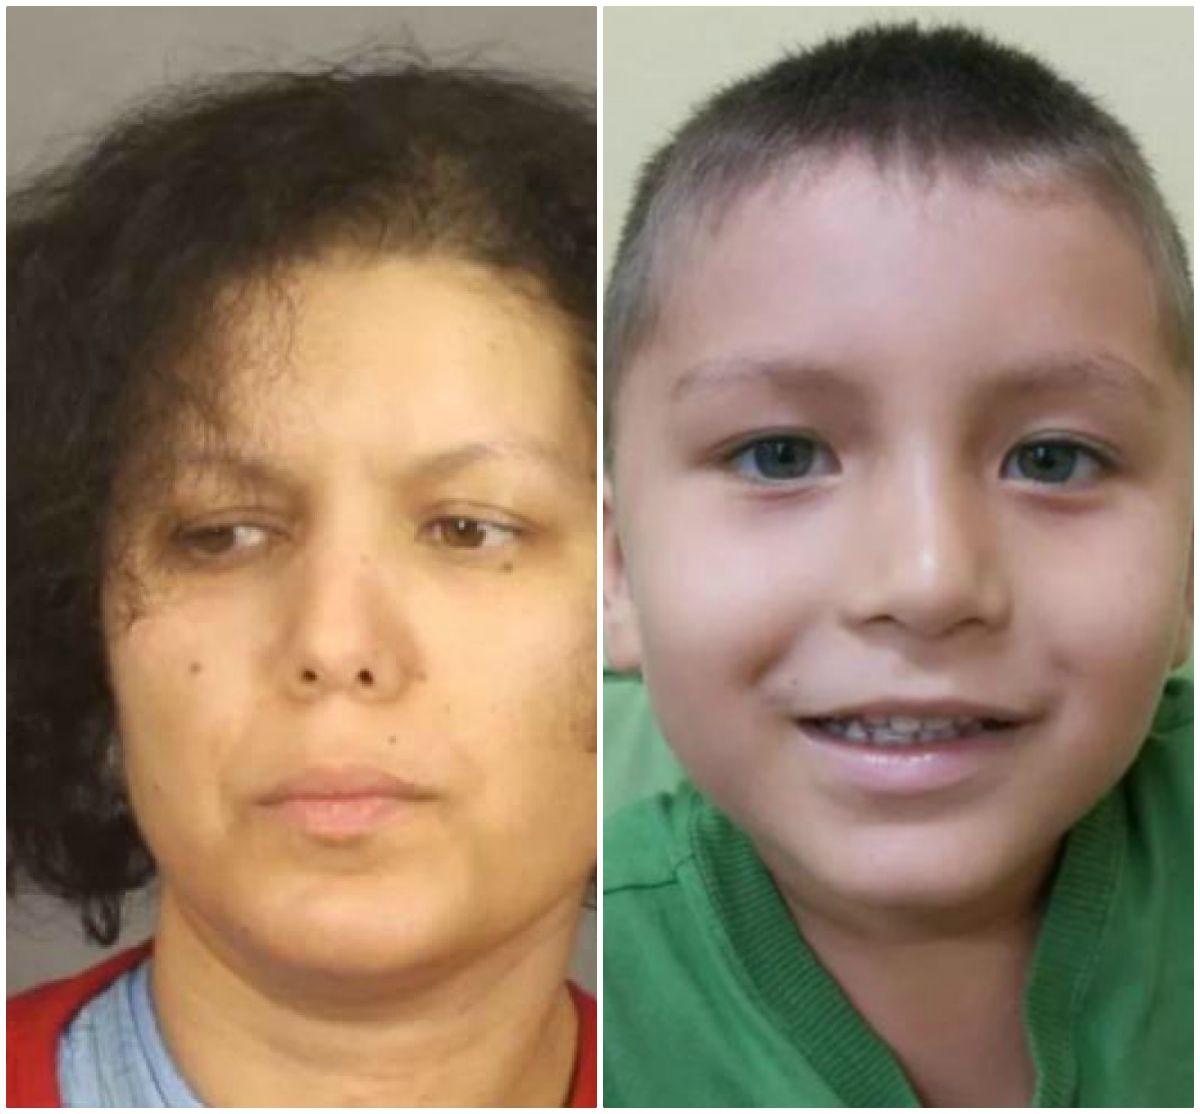 Madre decapita a su hijo en NY días después de salir de hospital psiquiátrico